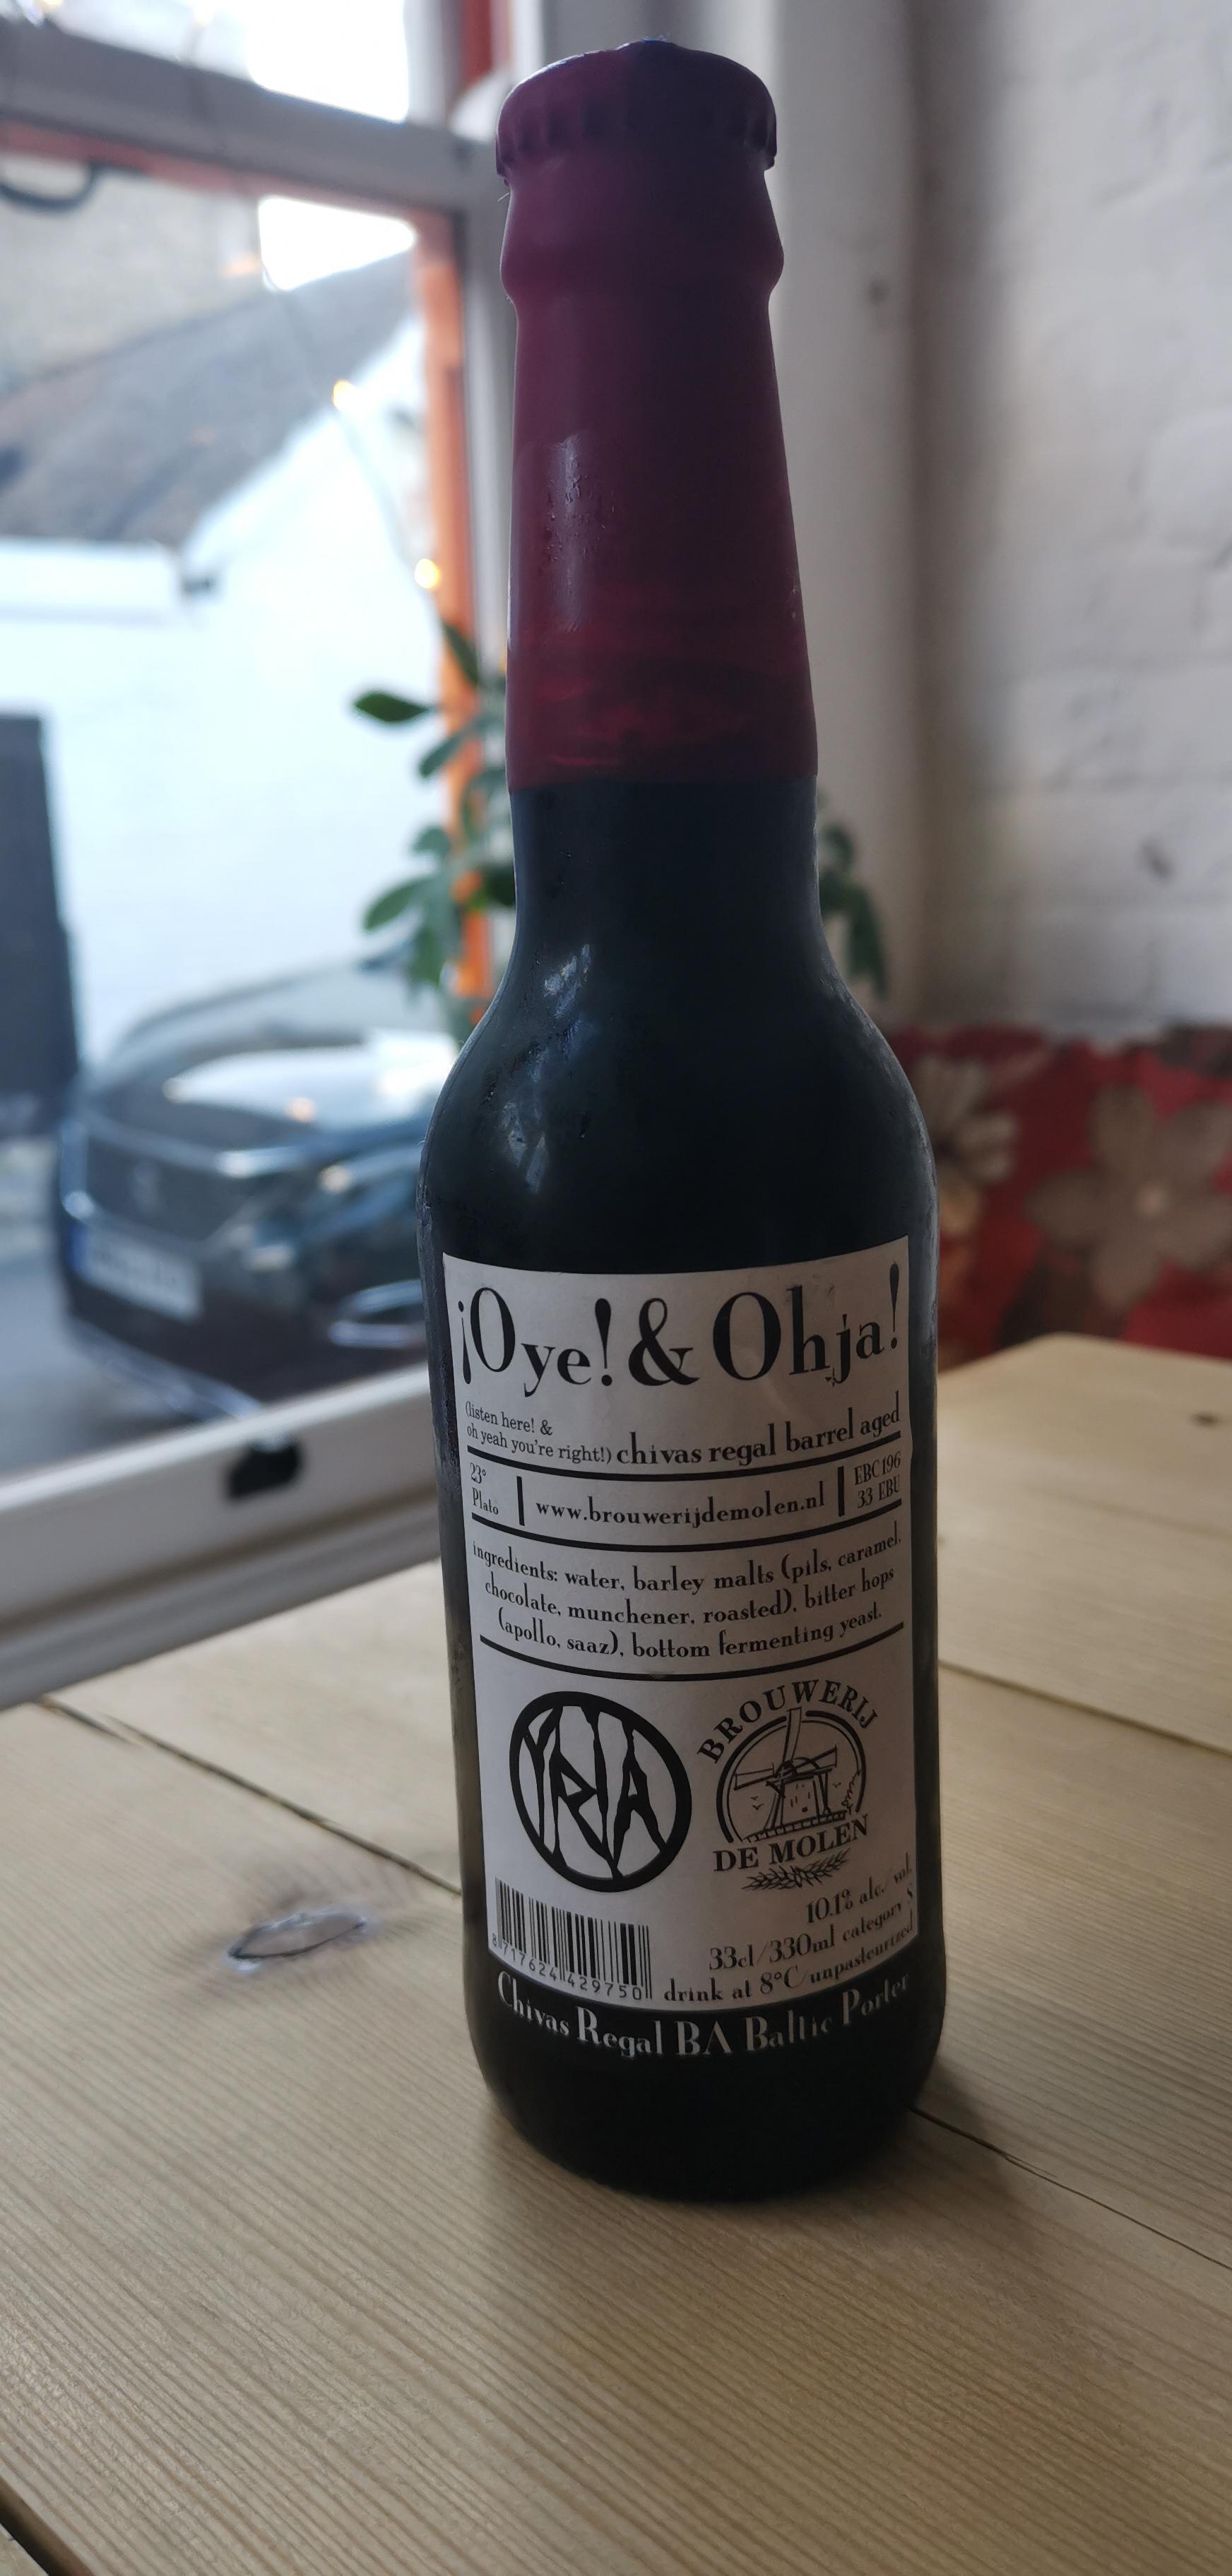 Brouwerij de Molen - Oye & Ohja (10.1% Barrel Aged Baltic Porter)